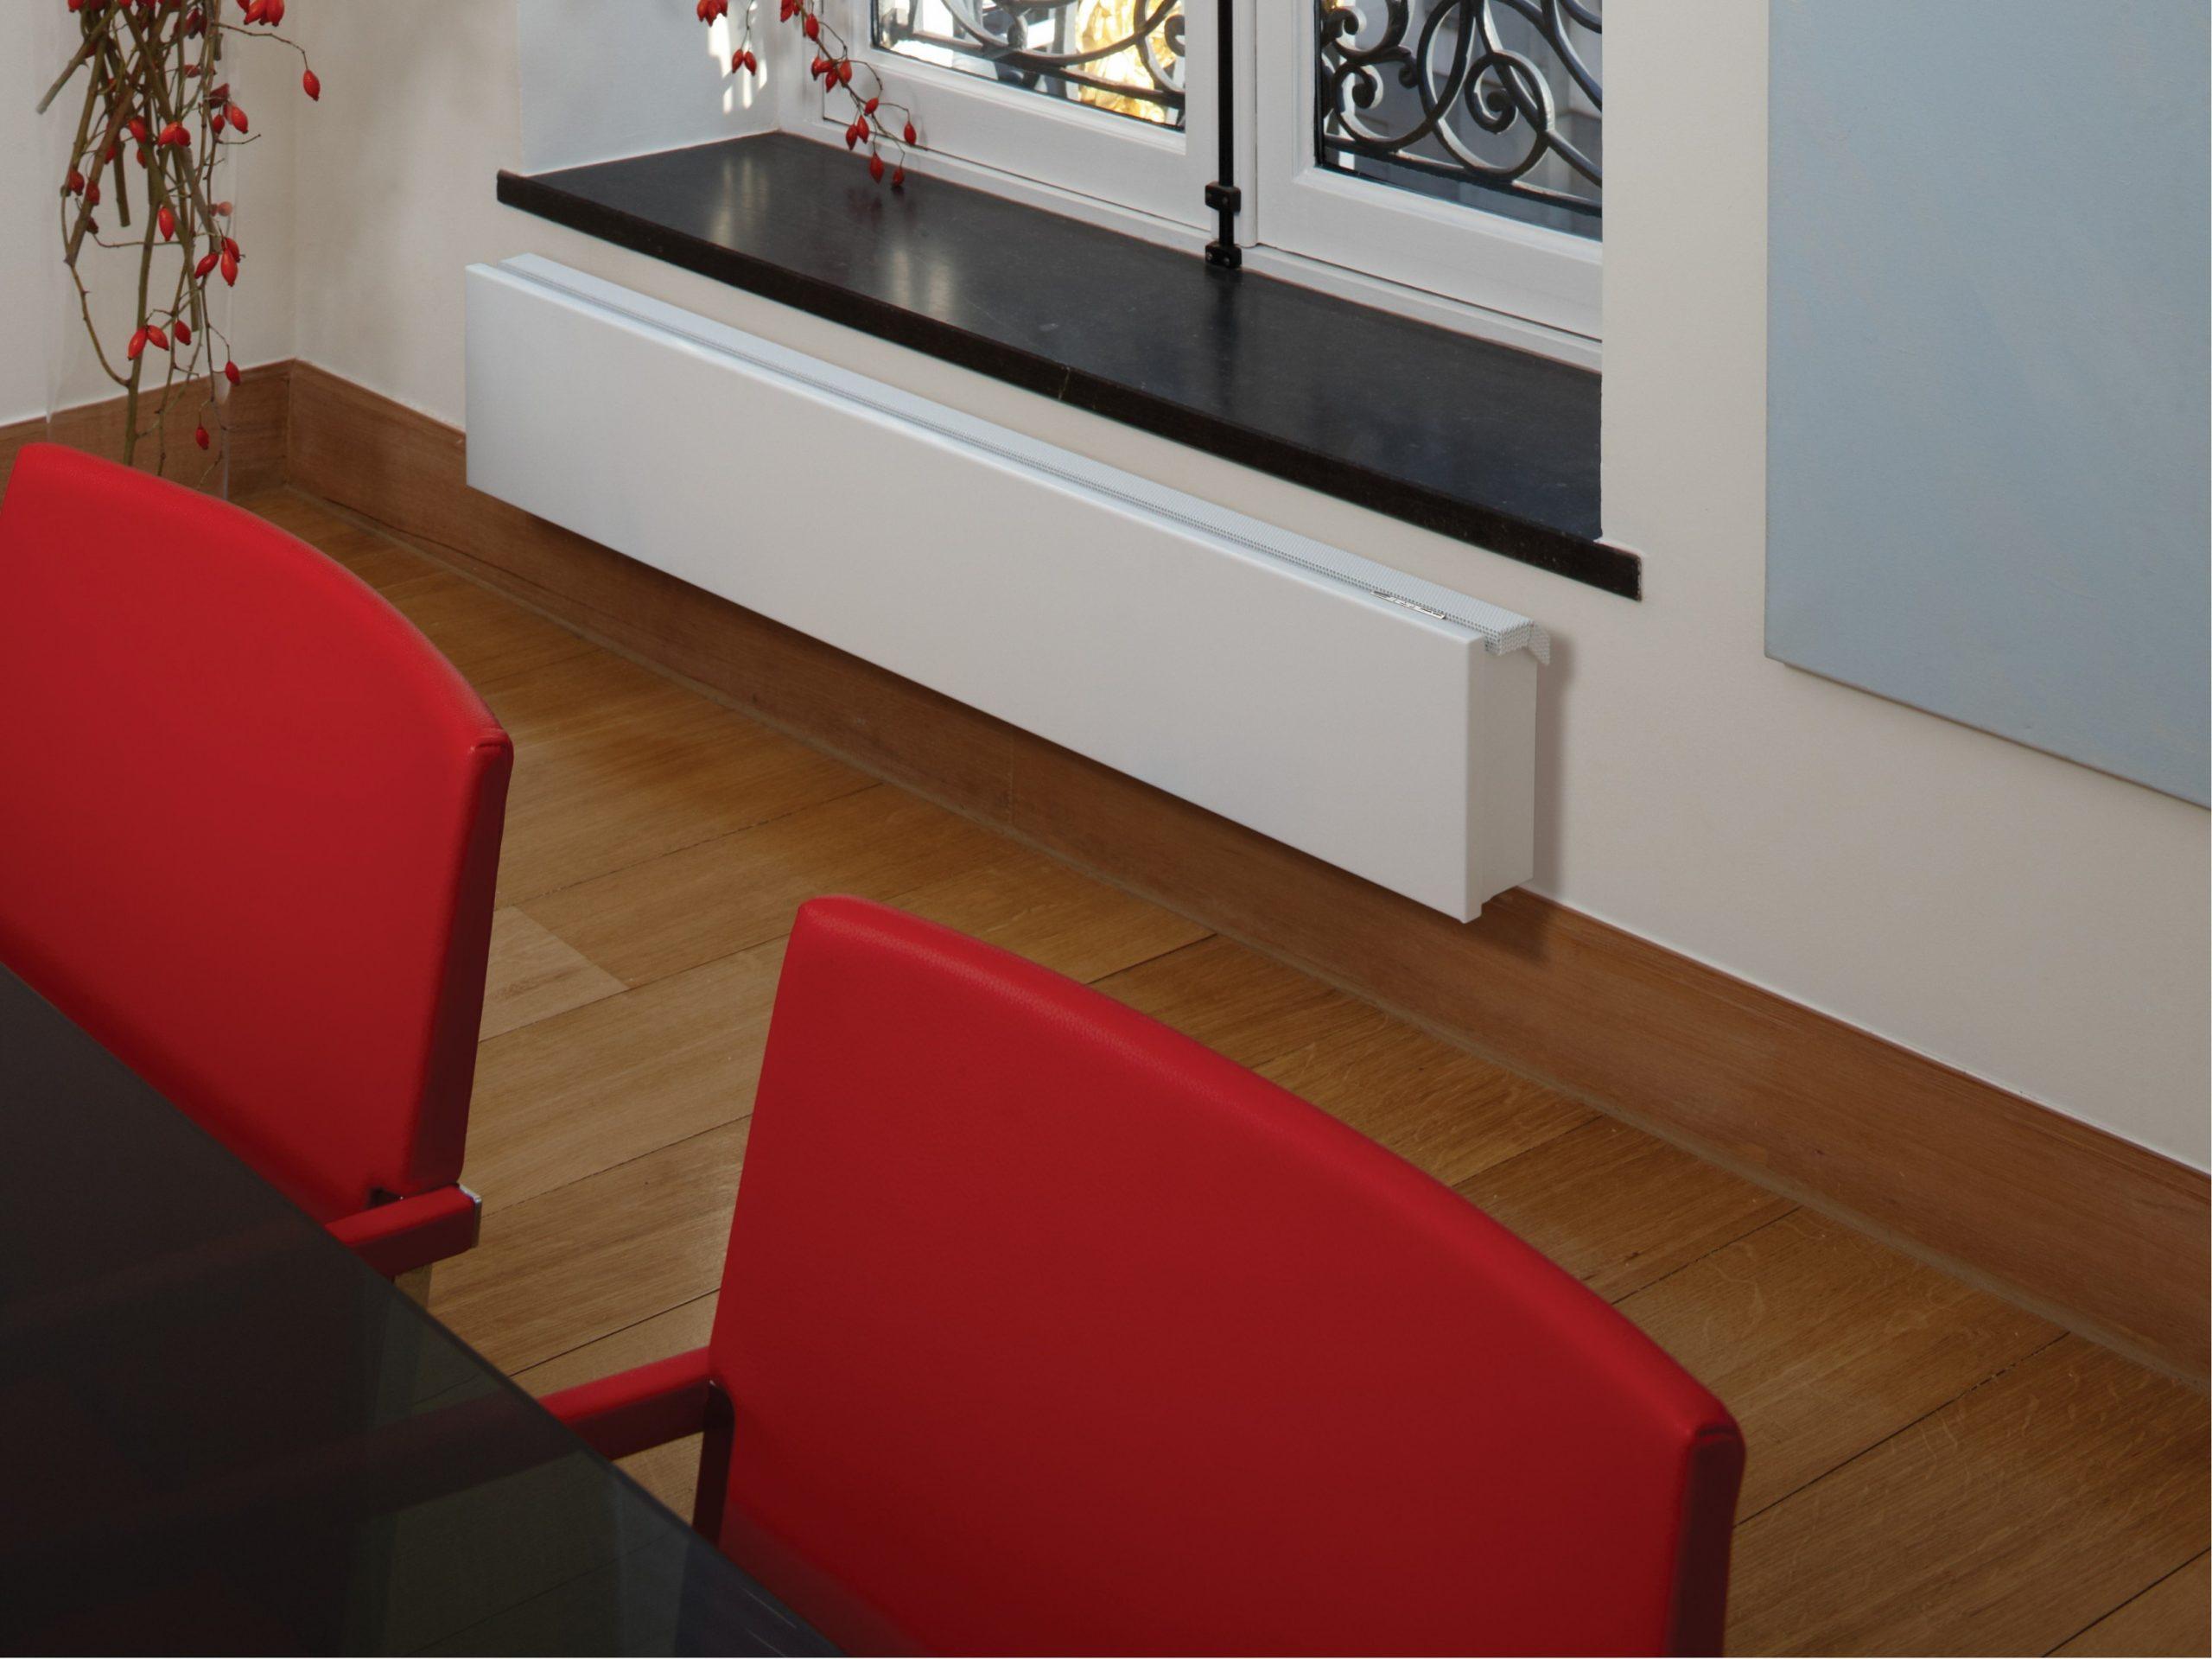 Full Size of Heizkrper 35 18 Ab 50 Cm 813 Watt Bad Design Heizung Flachdach Fenster Heizkörper Wohnzimmer Badezimmer Bett Flach Elektroheizkörper Für Wohnzimmer Heizkörper Flach